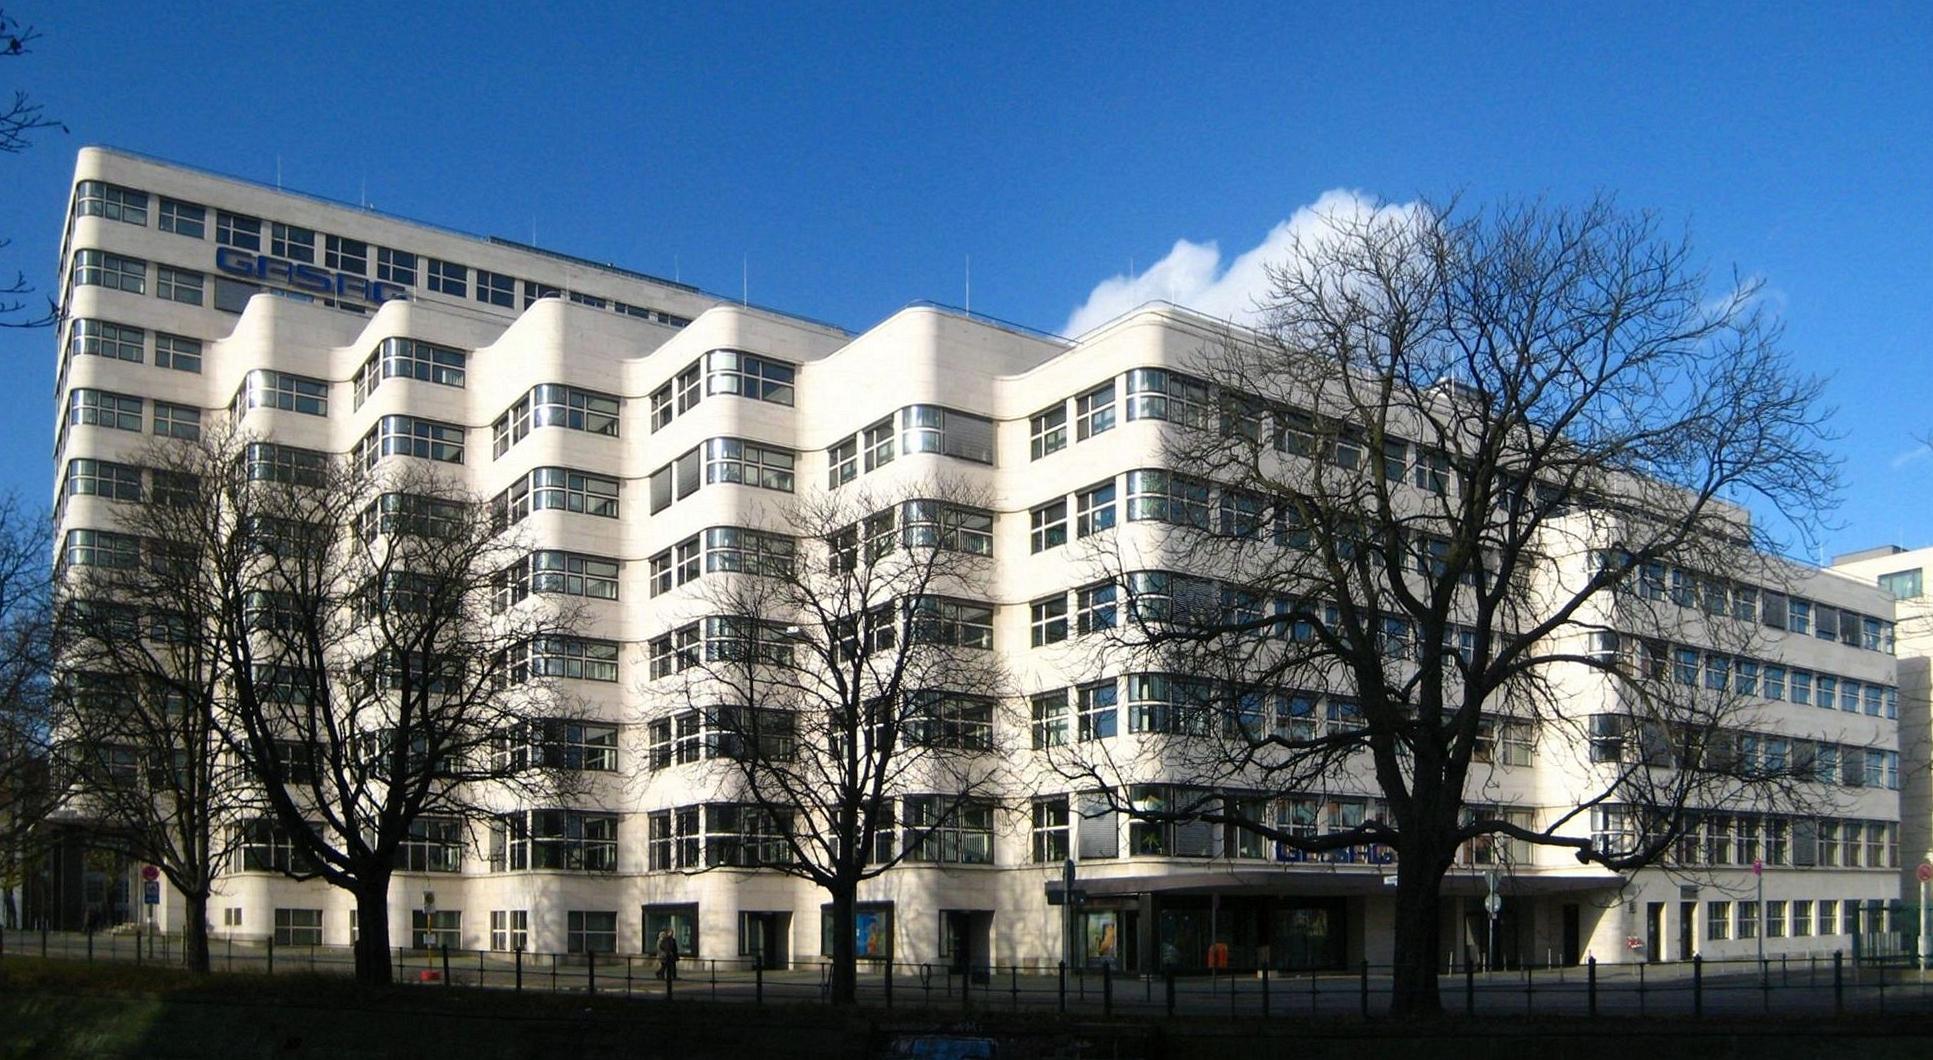 File:Berlin, Tiergarten, Reichpietschufer, Shell-Haus.jpg ...